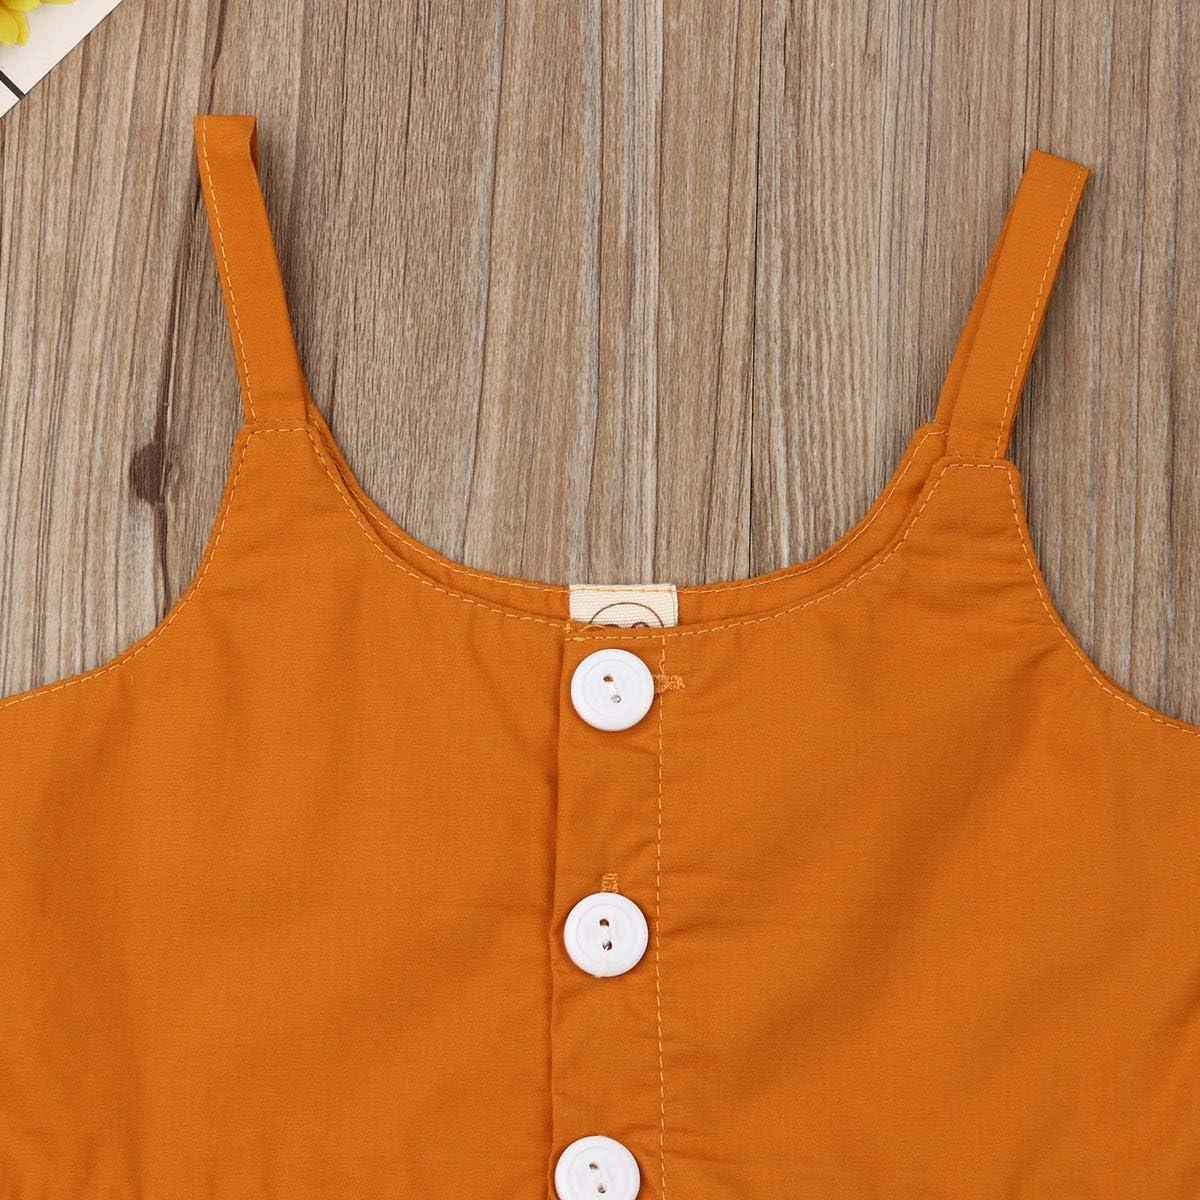 2 Unidades de Ropa de beb/é ni/ña sin Mangas Pantalones Cortos crisantemo//Girasol//pi/ña Camiseta Tops Ropa de beb/é para Playa//mar//Vacaciones. Conjunto Amarillo